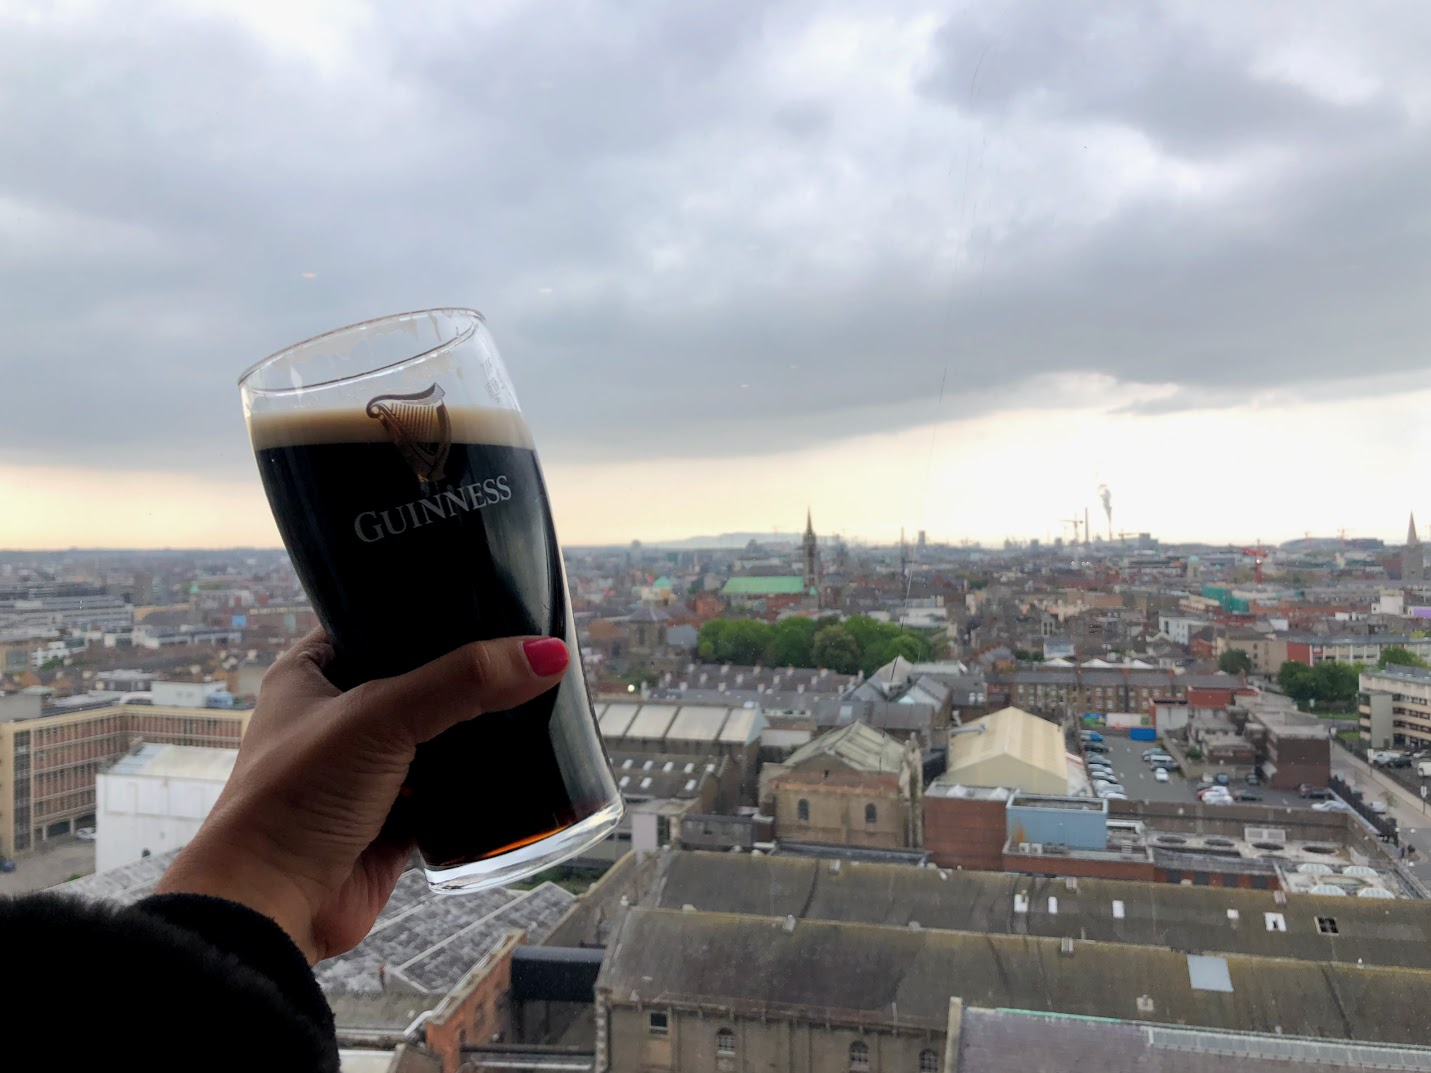 bar Guinness storehouse Dublin